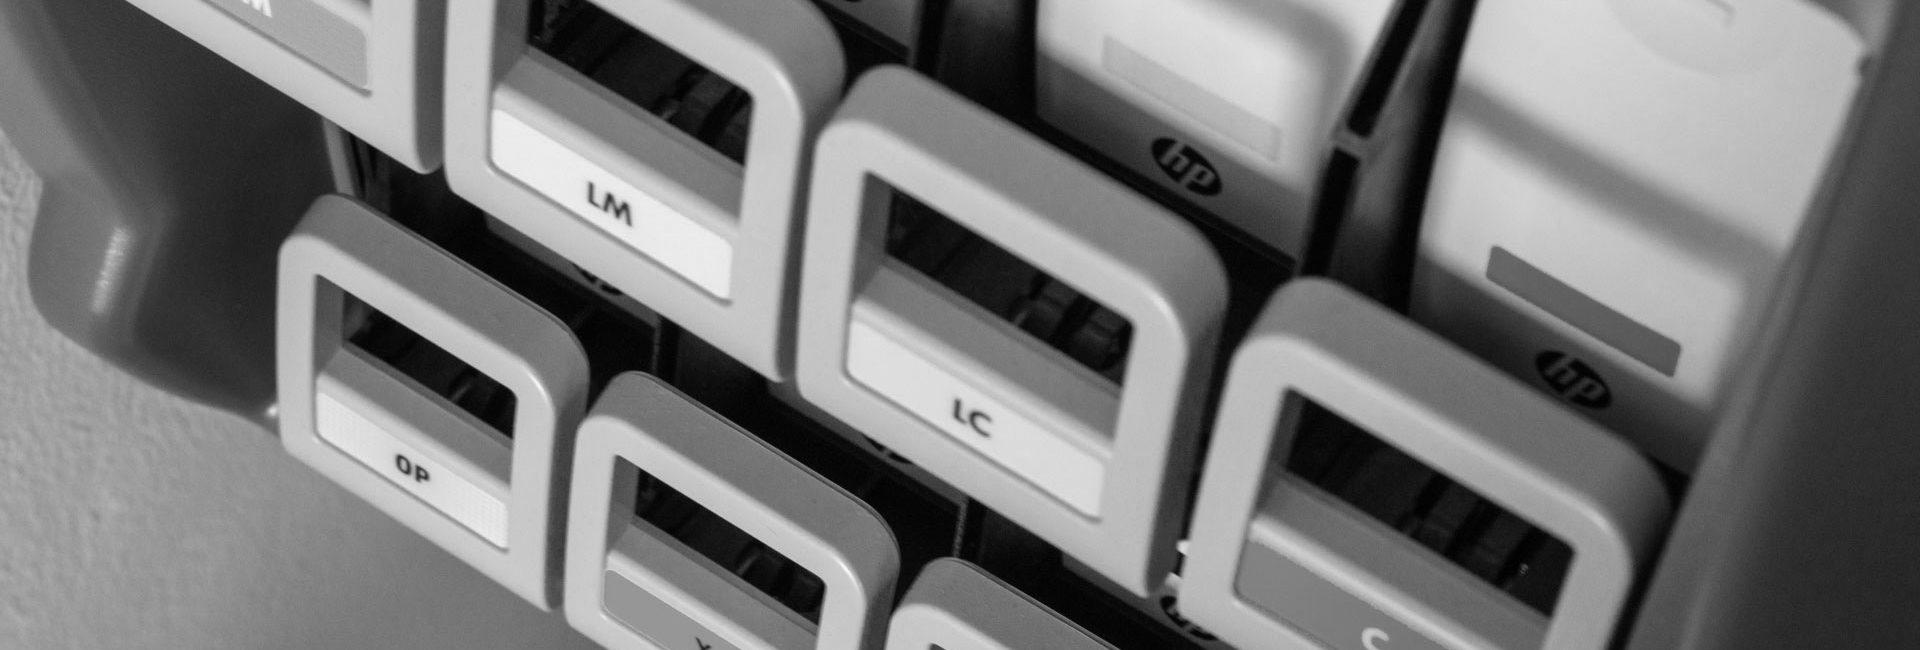 Digitaldruck aus Falkensee